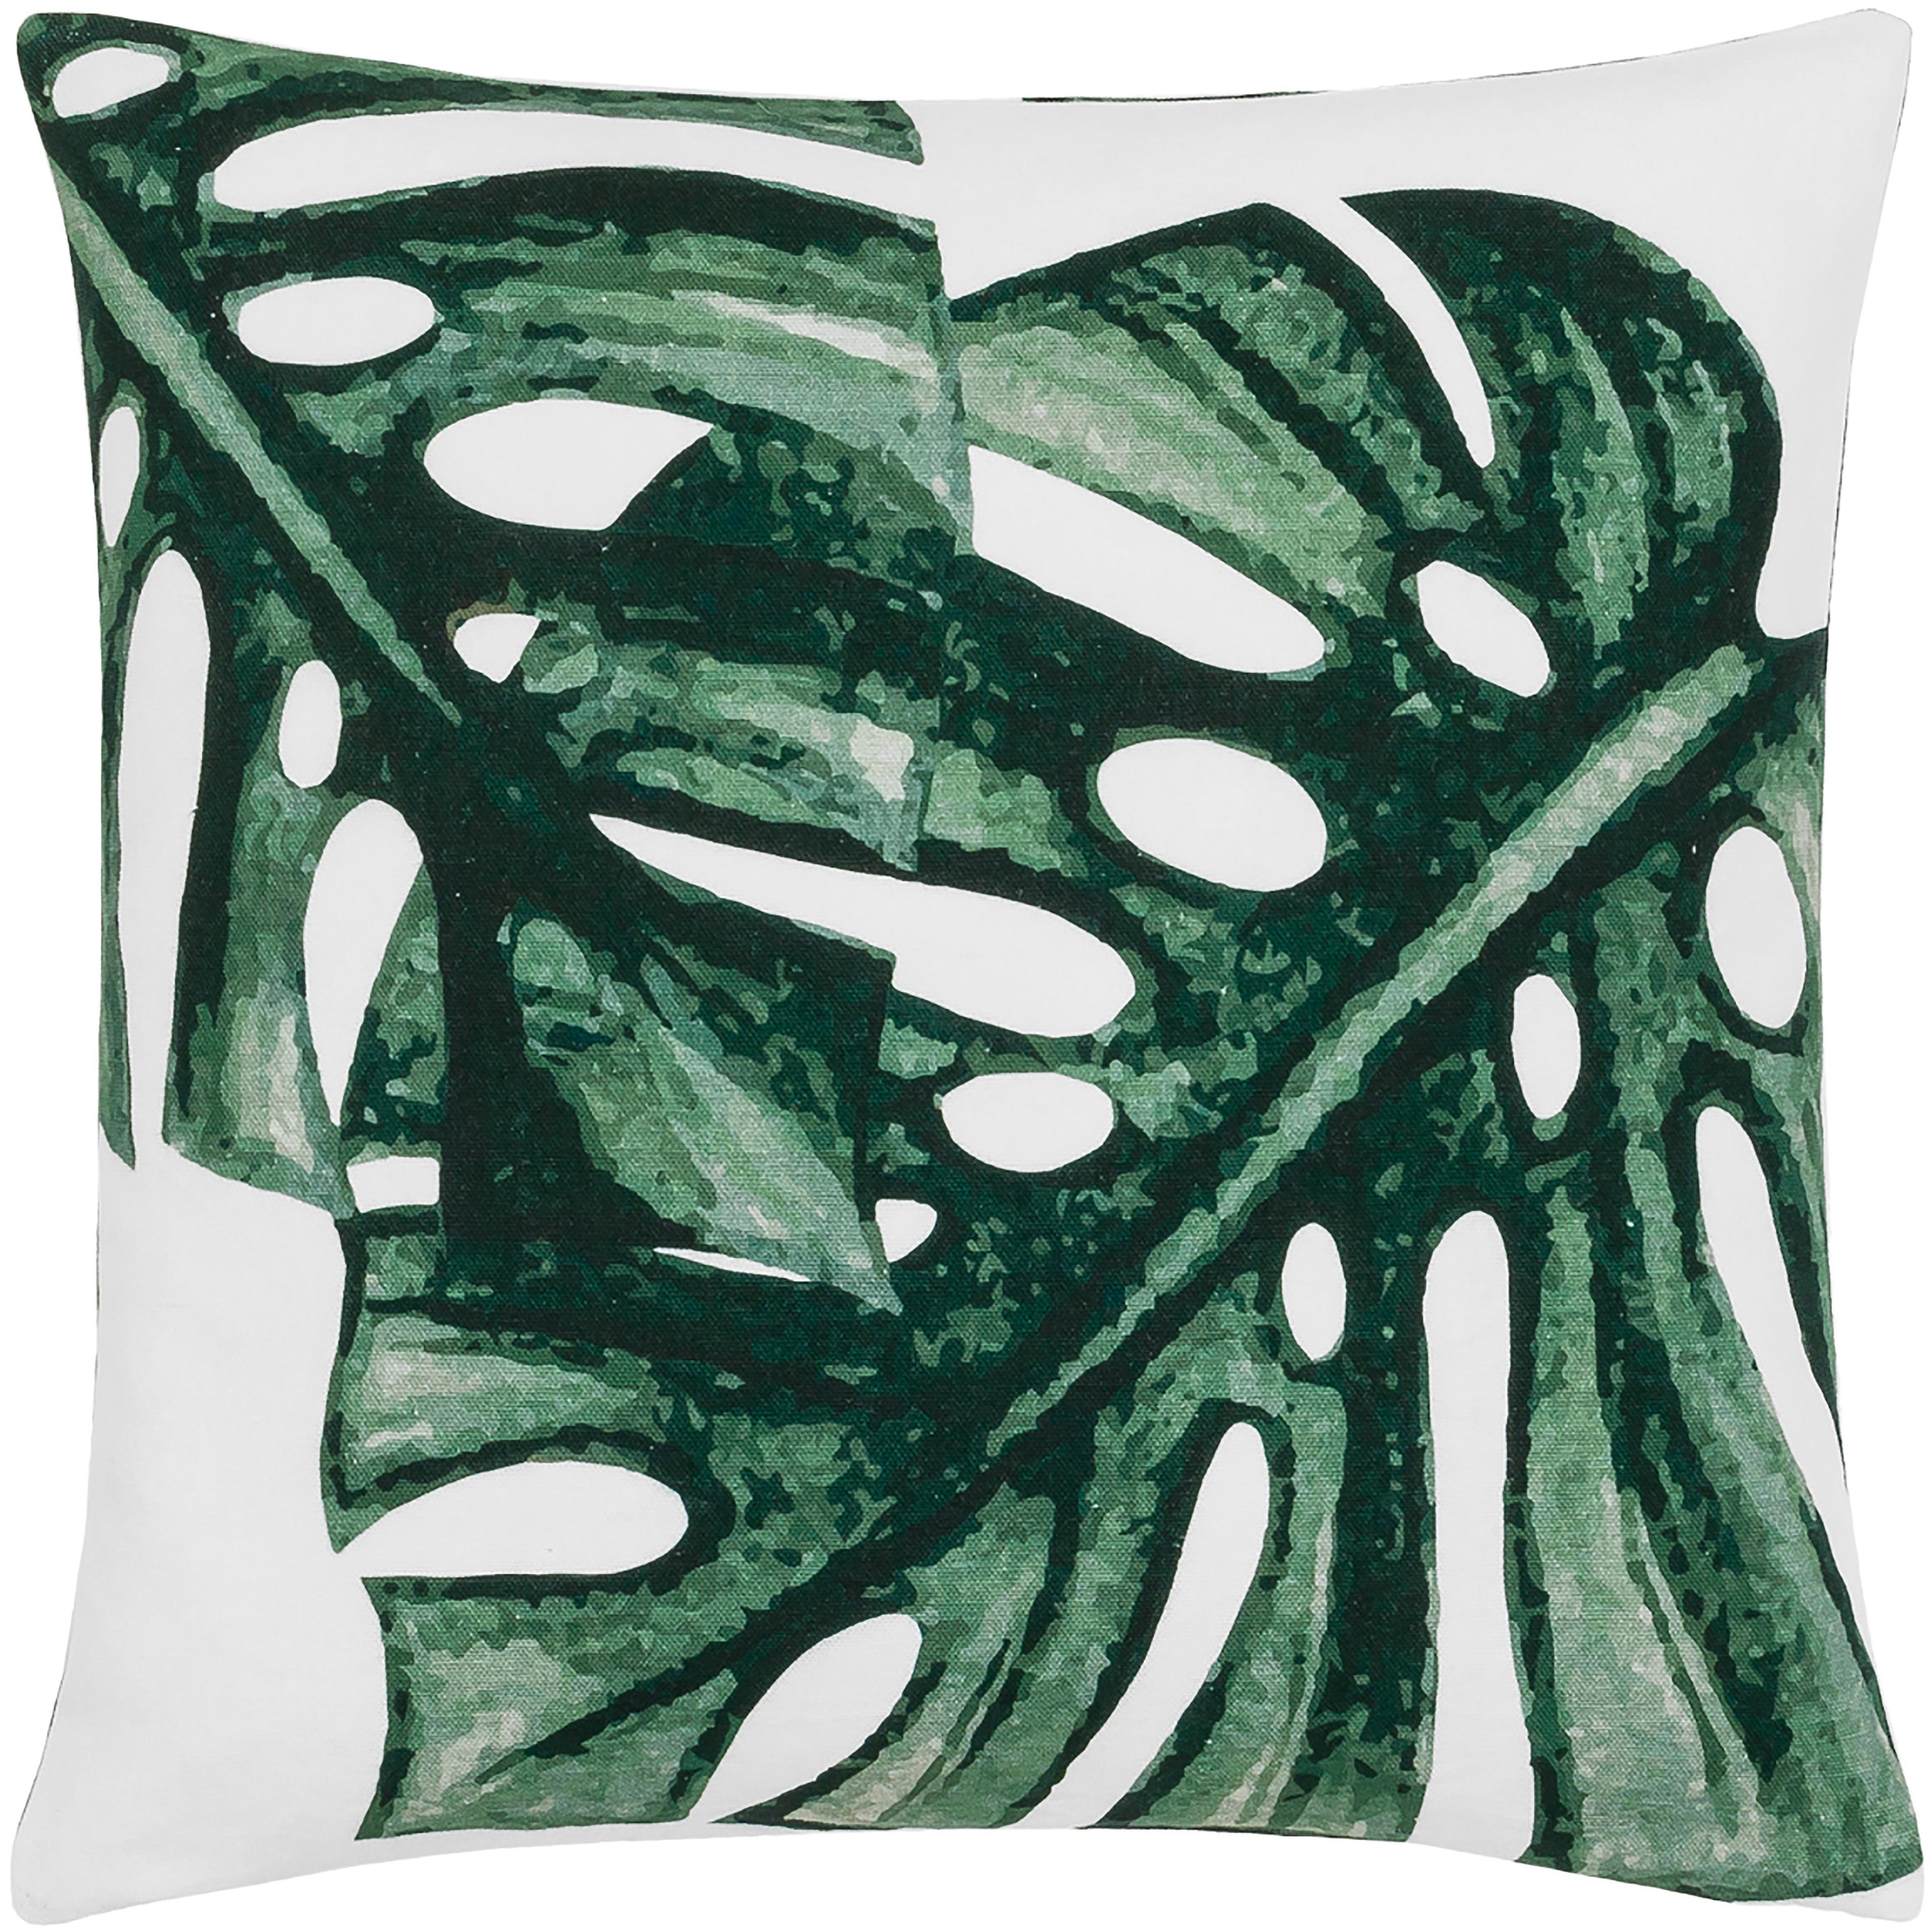 Poszewka na poduszkę Tropics, 100% bawełna, Zielony, biały, S 50 x D 50 cm